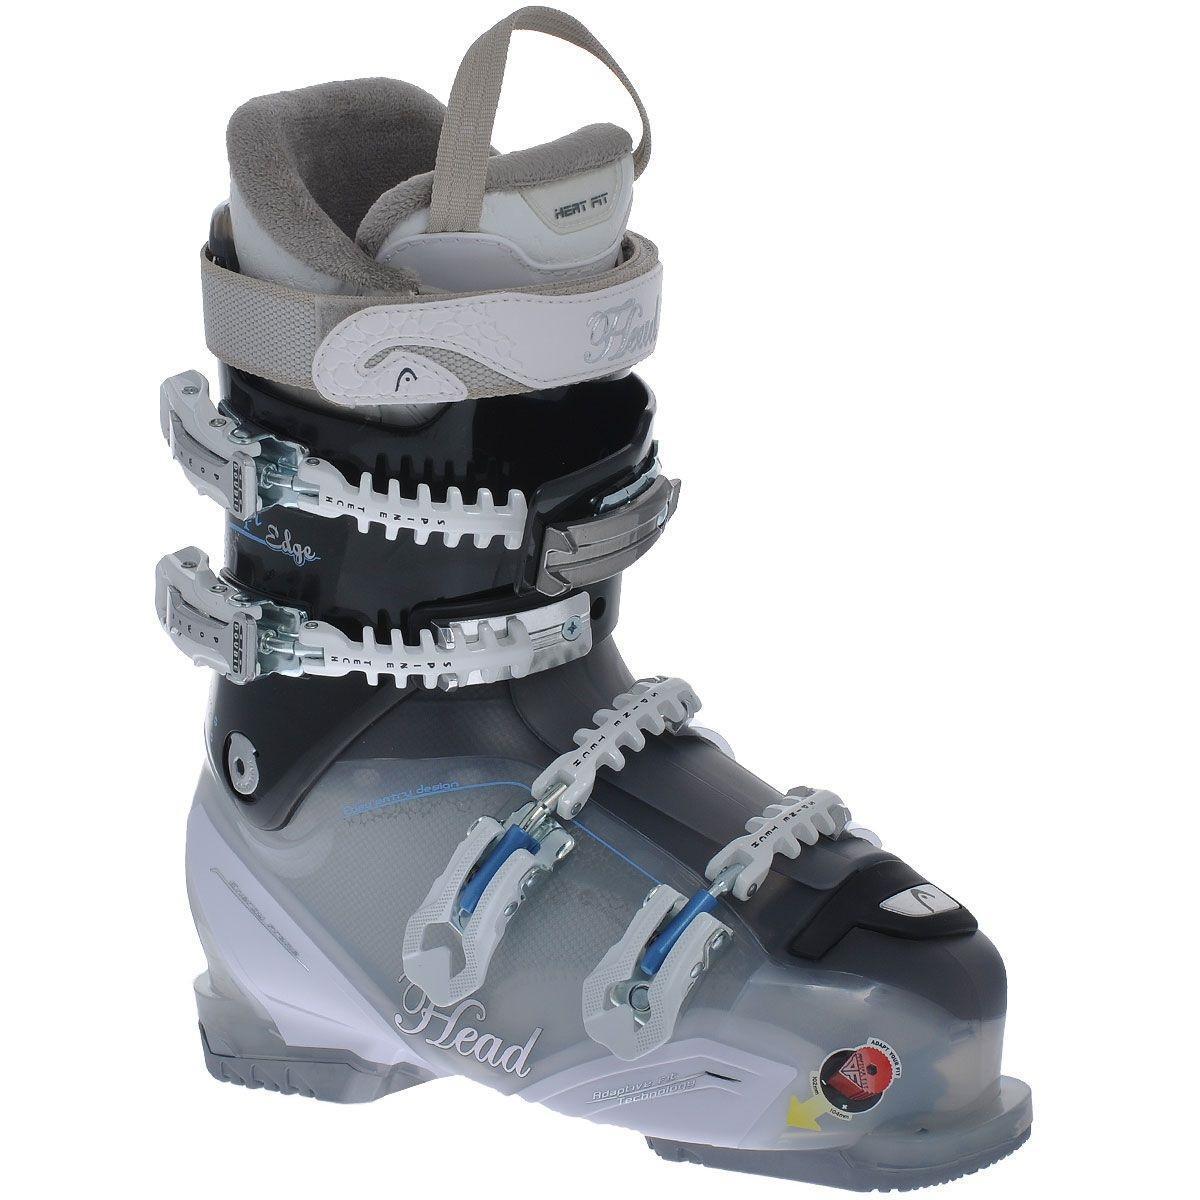 Ботинки горнолыжные женские HEAD Adapt Edge 90X MYA, цвет: полупрозрачный, черный. 602126. ( HEAD Adapt Edge 90X MYA (602126) 36 )